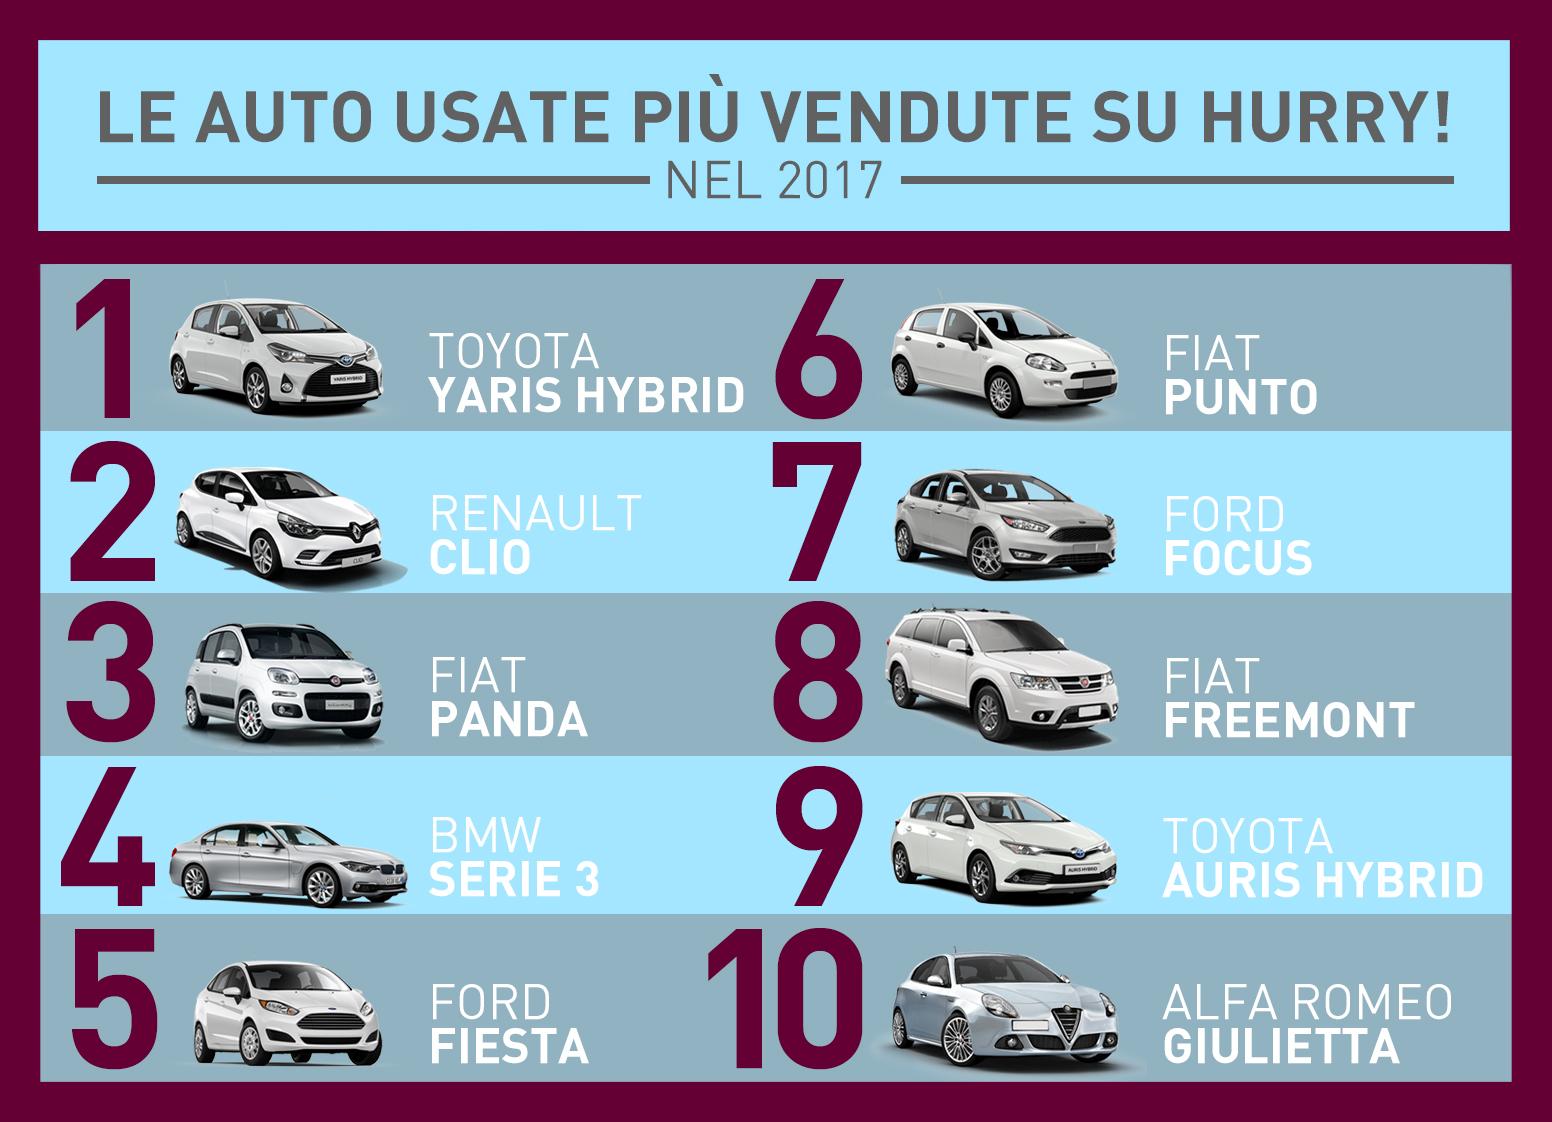 Auto usate: le più vendute su Hurry nel 2017